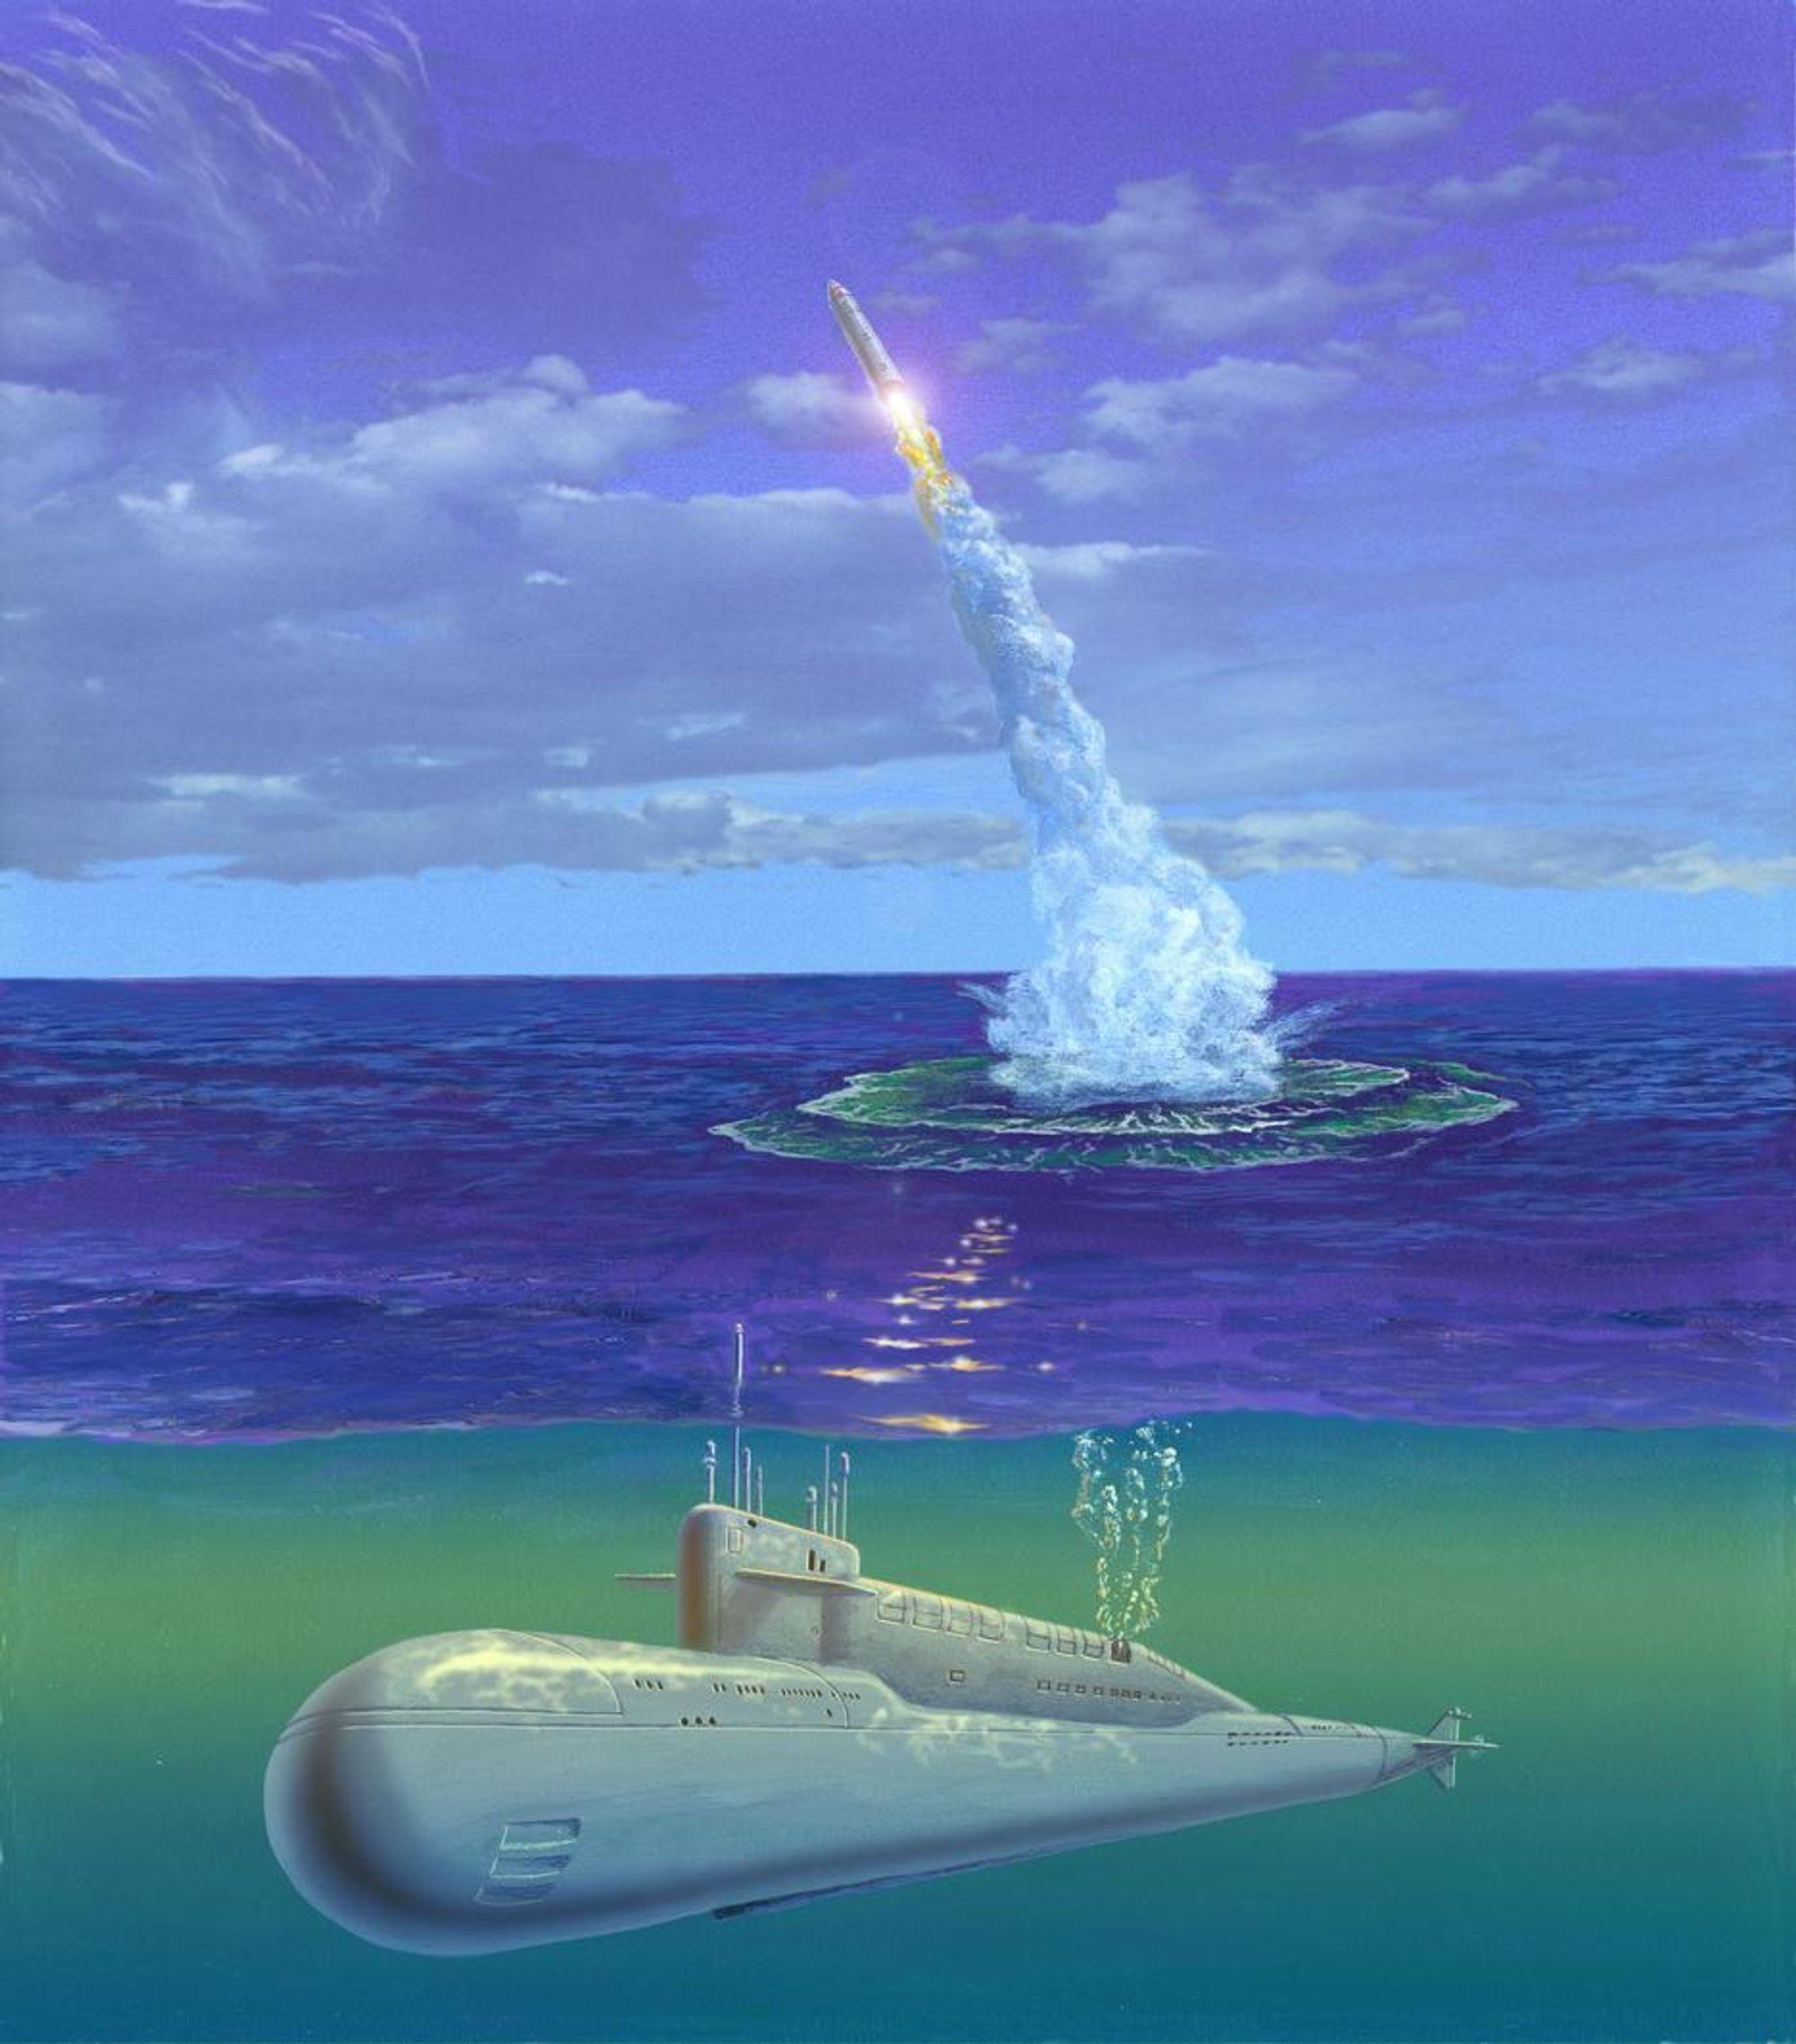 Antakelig har det oppstått en feil med Volna-raketten, som er et ombygget langdistansemissil.